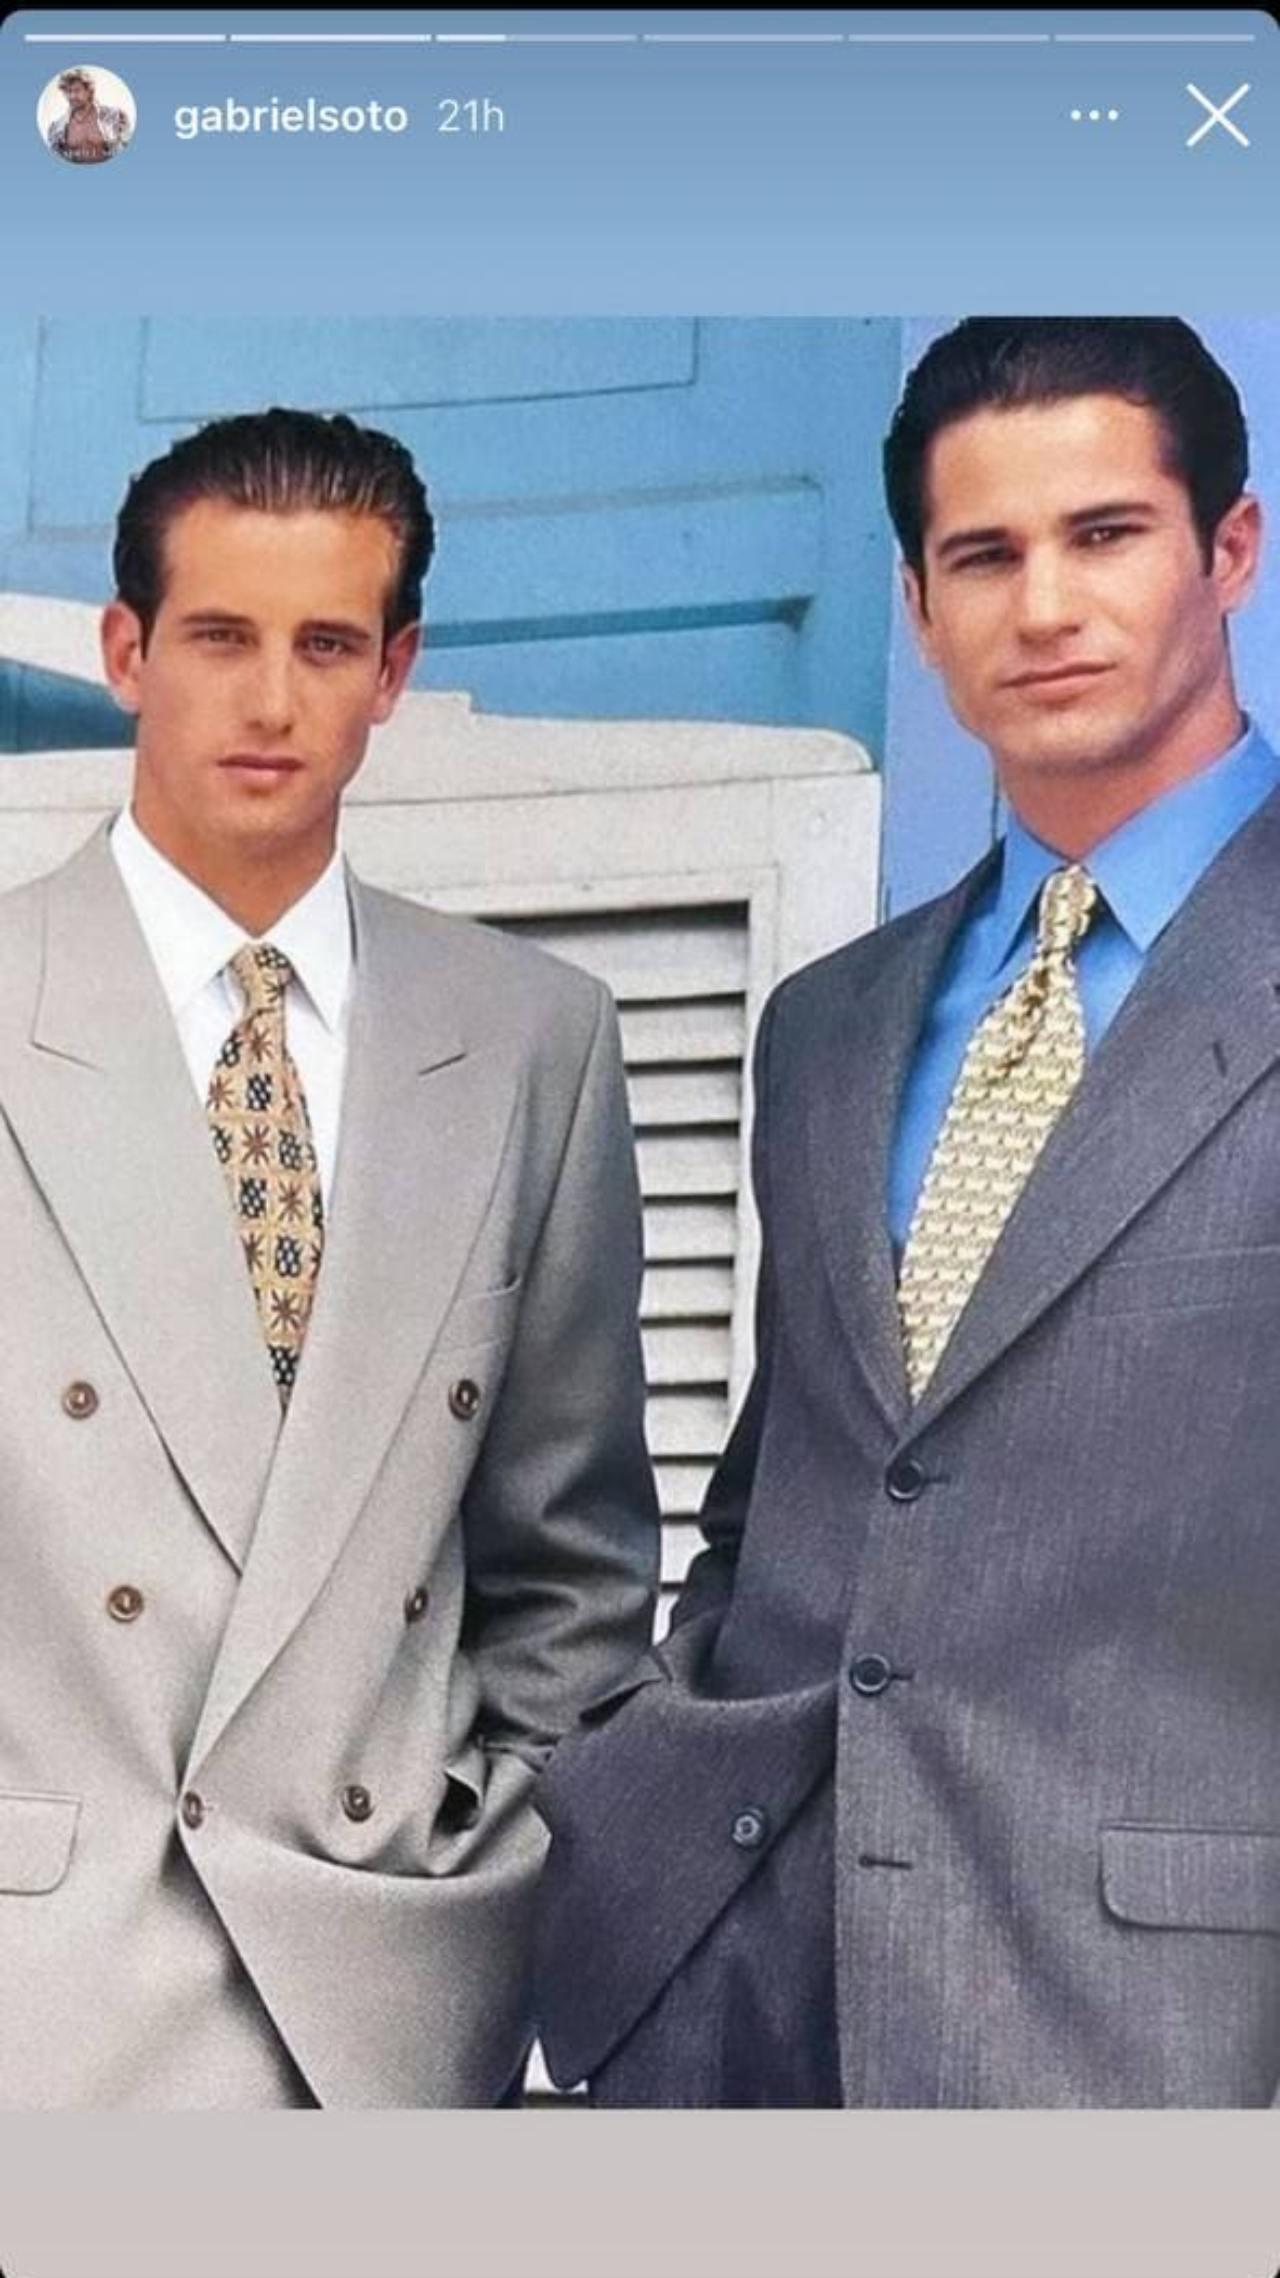 Gabriel Soto y Pedro Sicard elegantes